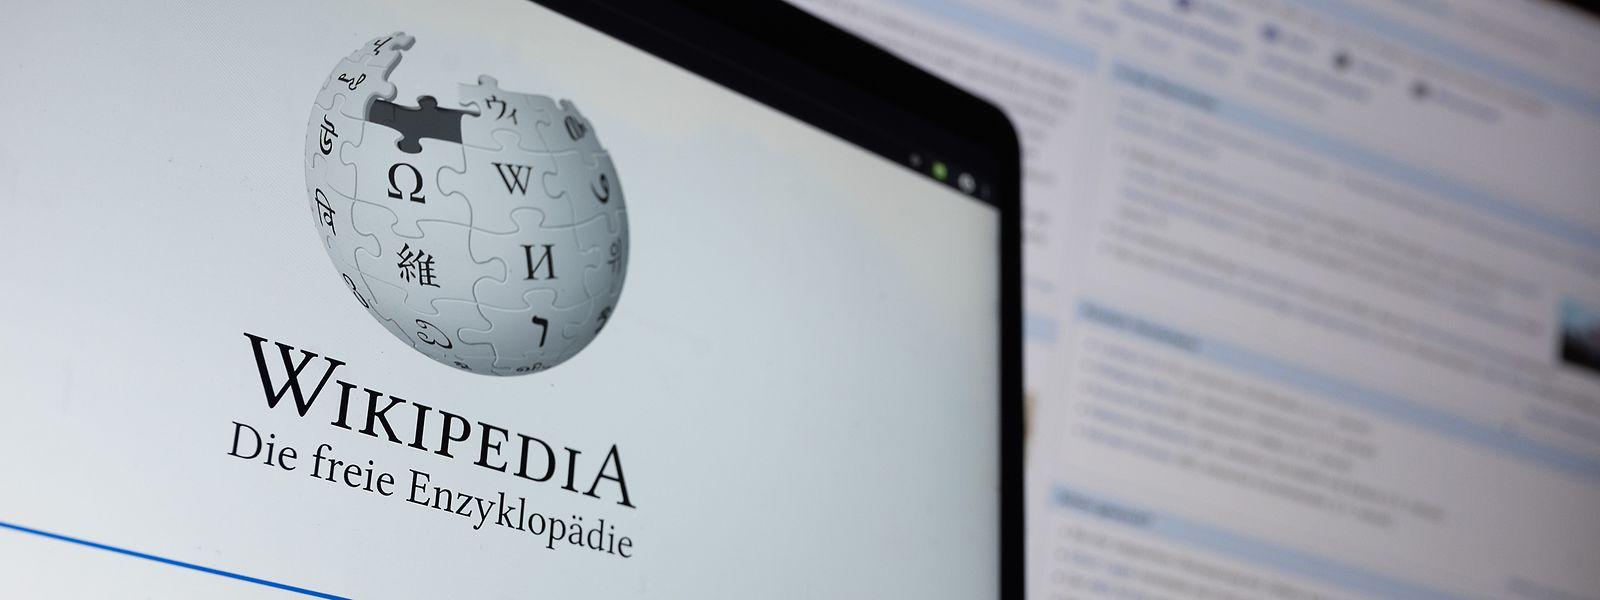 Bereits seit 20 Jahren versorgt Wikipedia Menschen auf der ganzen Welt mit Informationen.